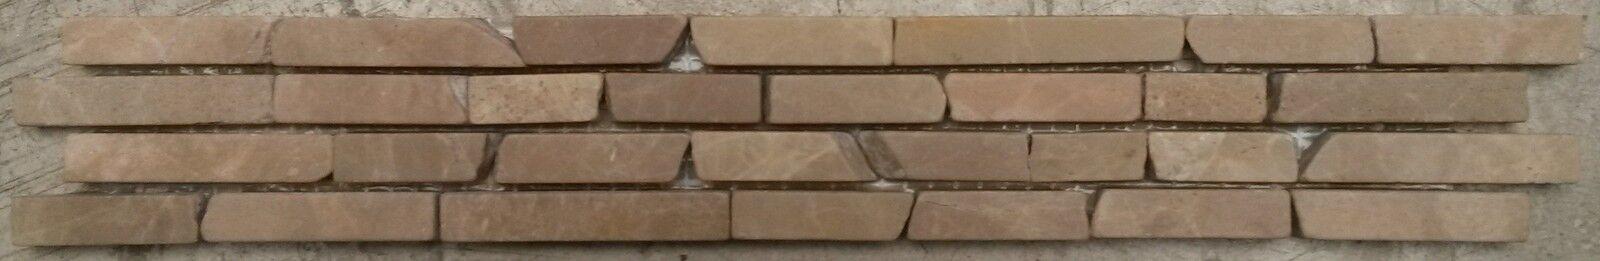 Bruchstein-Mosaik-Bordure-30x30-cm-8-mm-Naturstein-_57.jpg